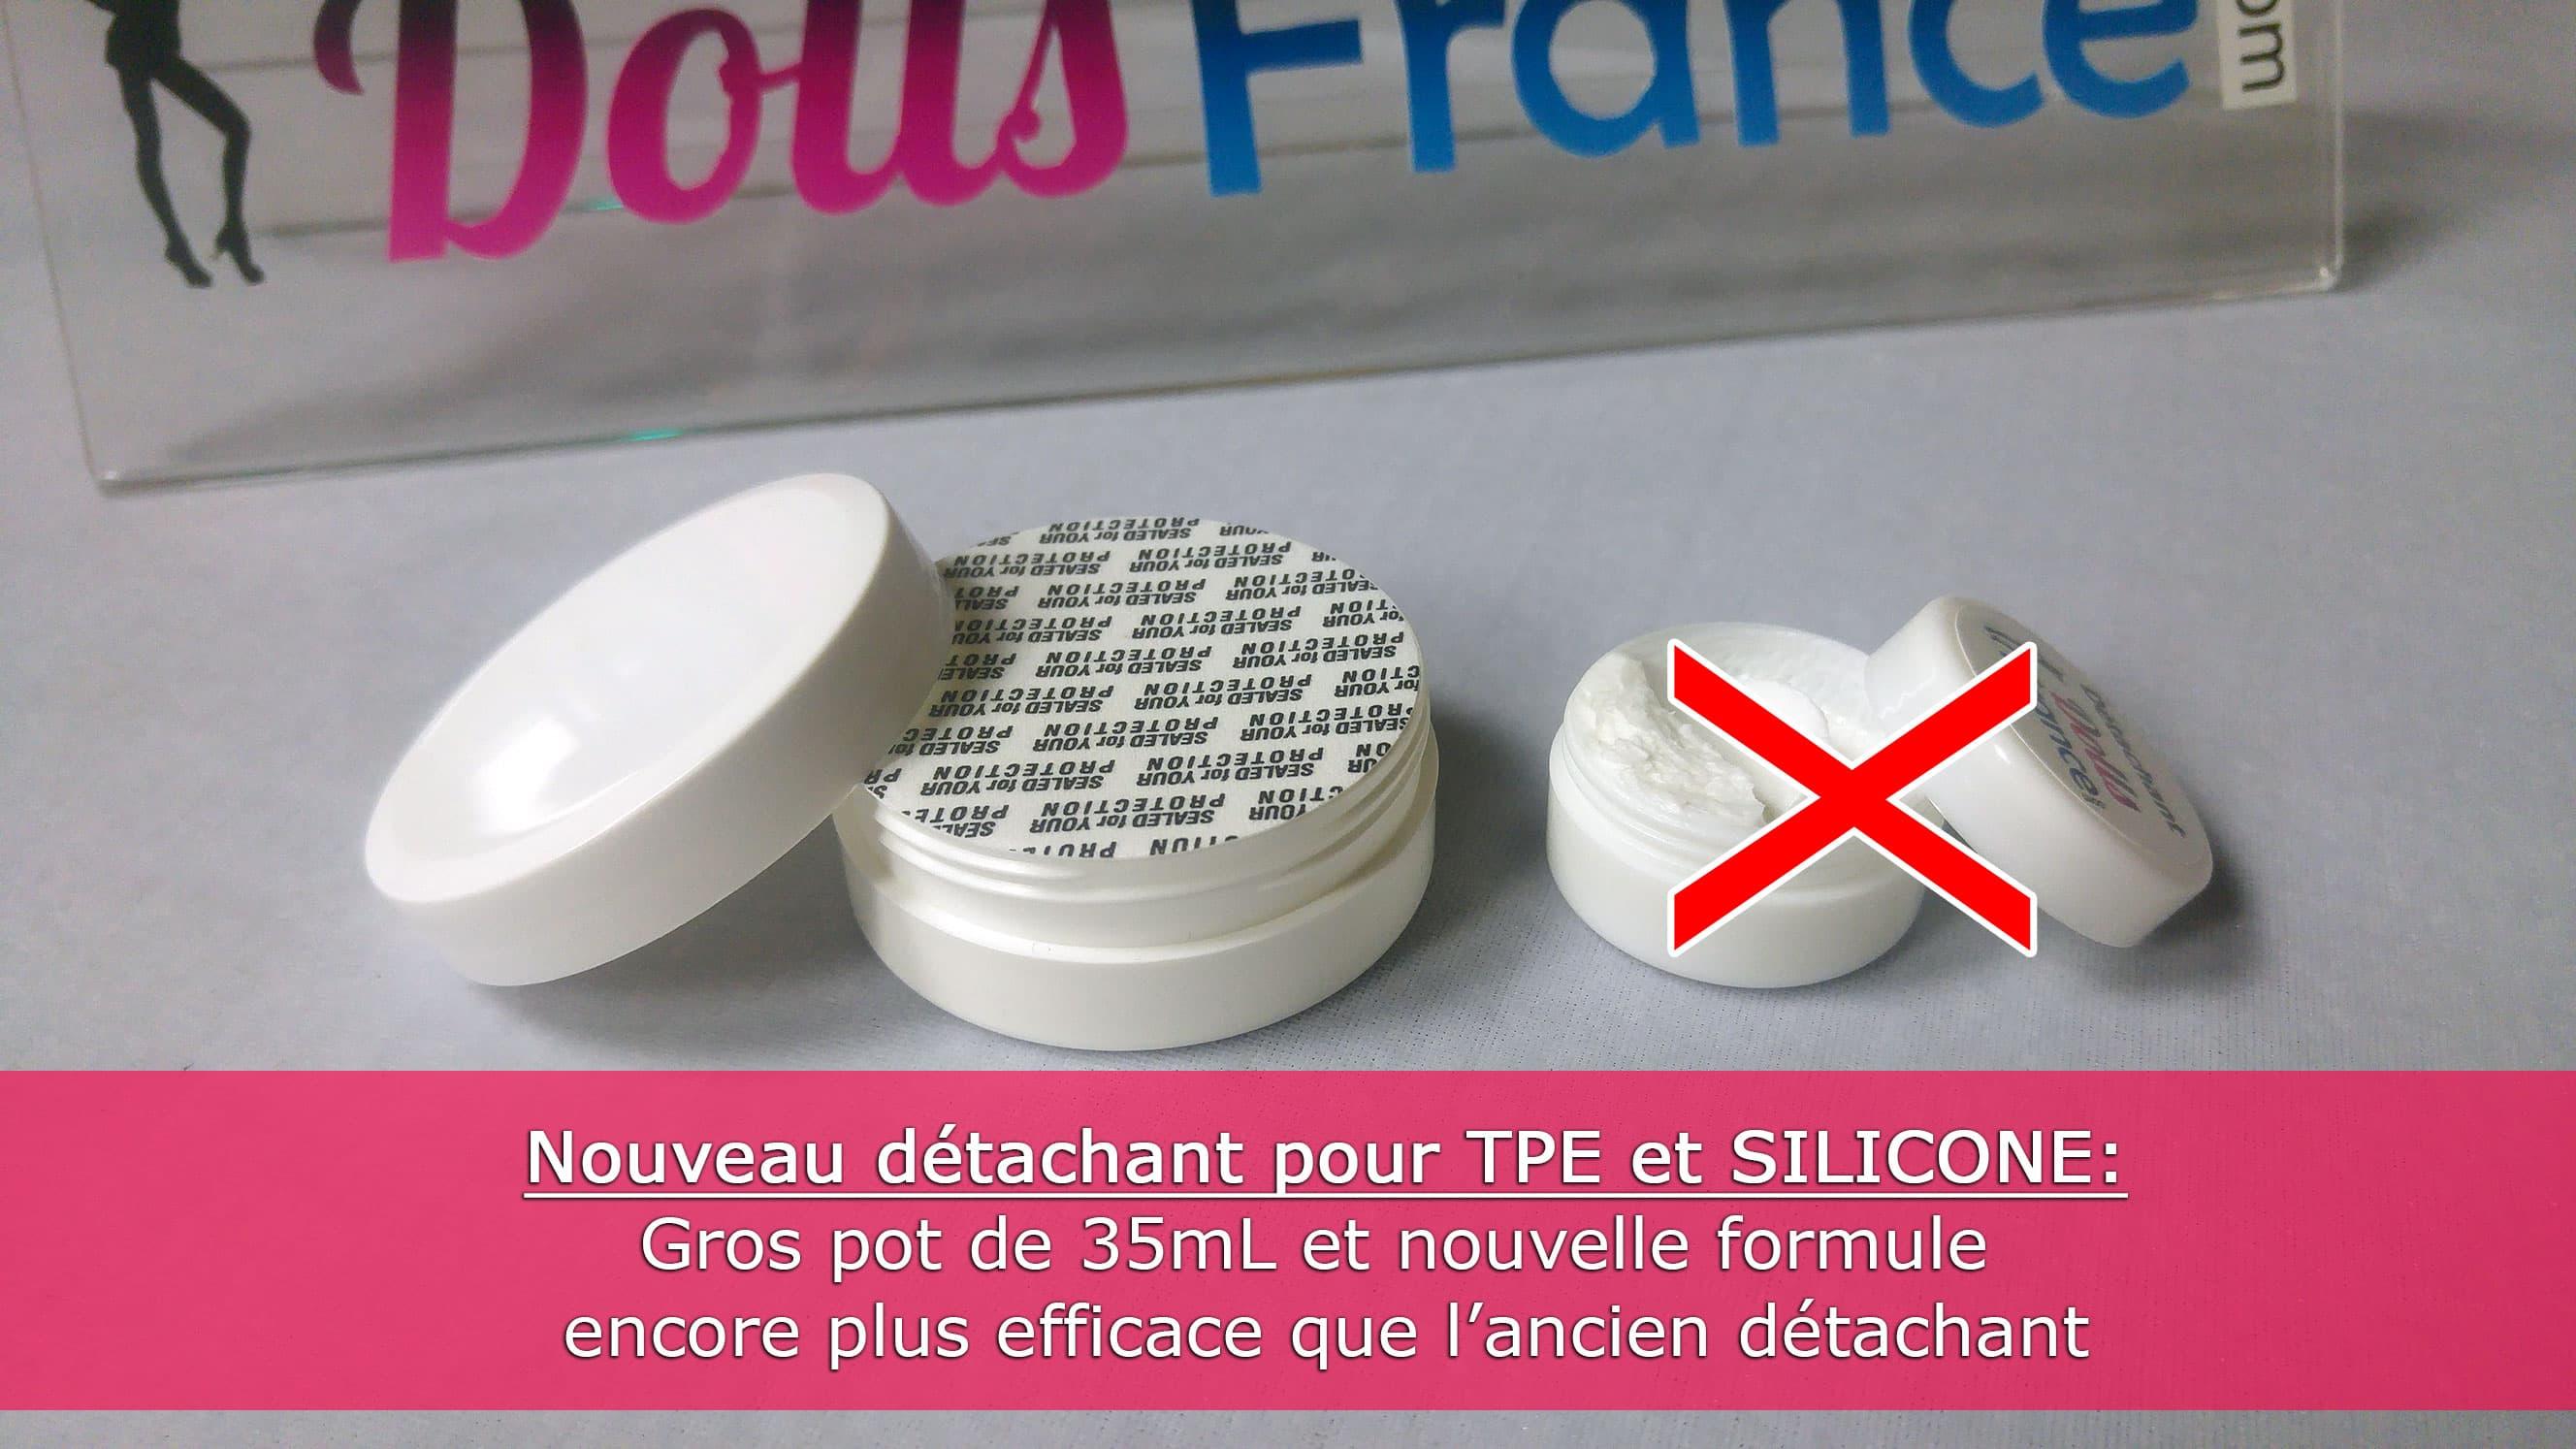 Détachant dolls france pour TPE et silicone nouvelle formule